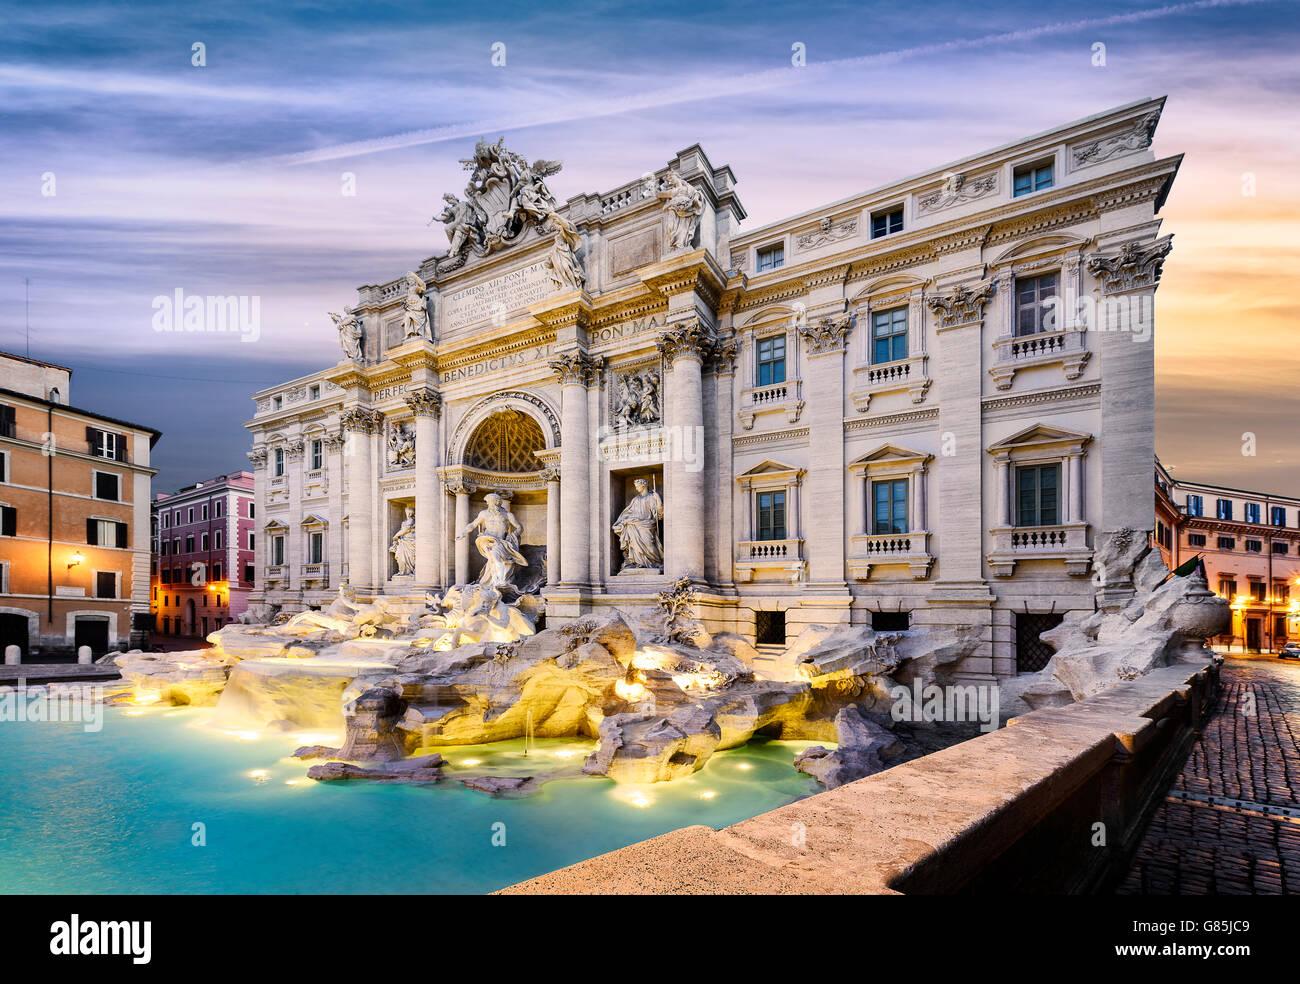 Fountain di Trevi in Rome, Italy - Stock Image